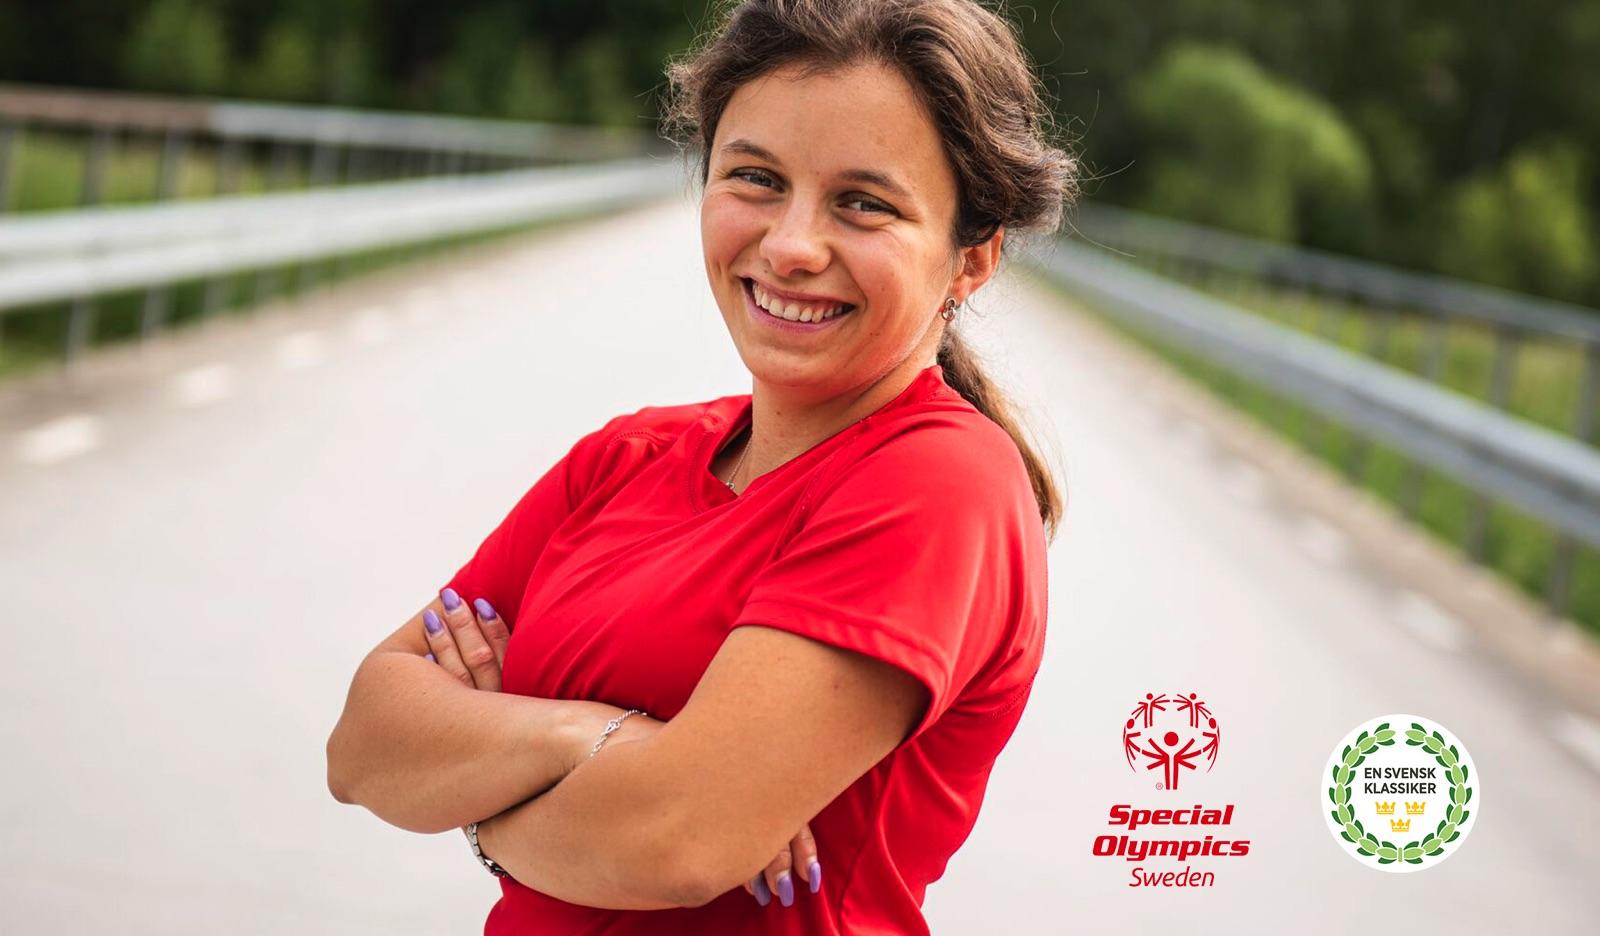 Elin Lundegård deltar i Special Olympics-Klassikern för tredje gången. På bilden står hon med armarna i kors på en bro.